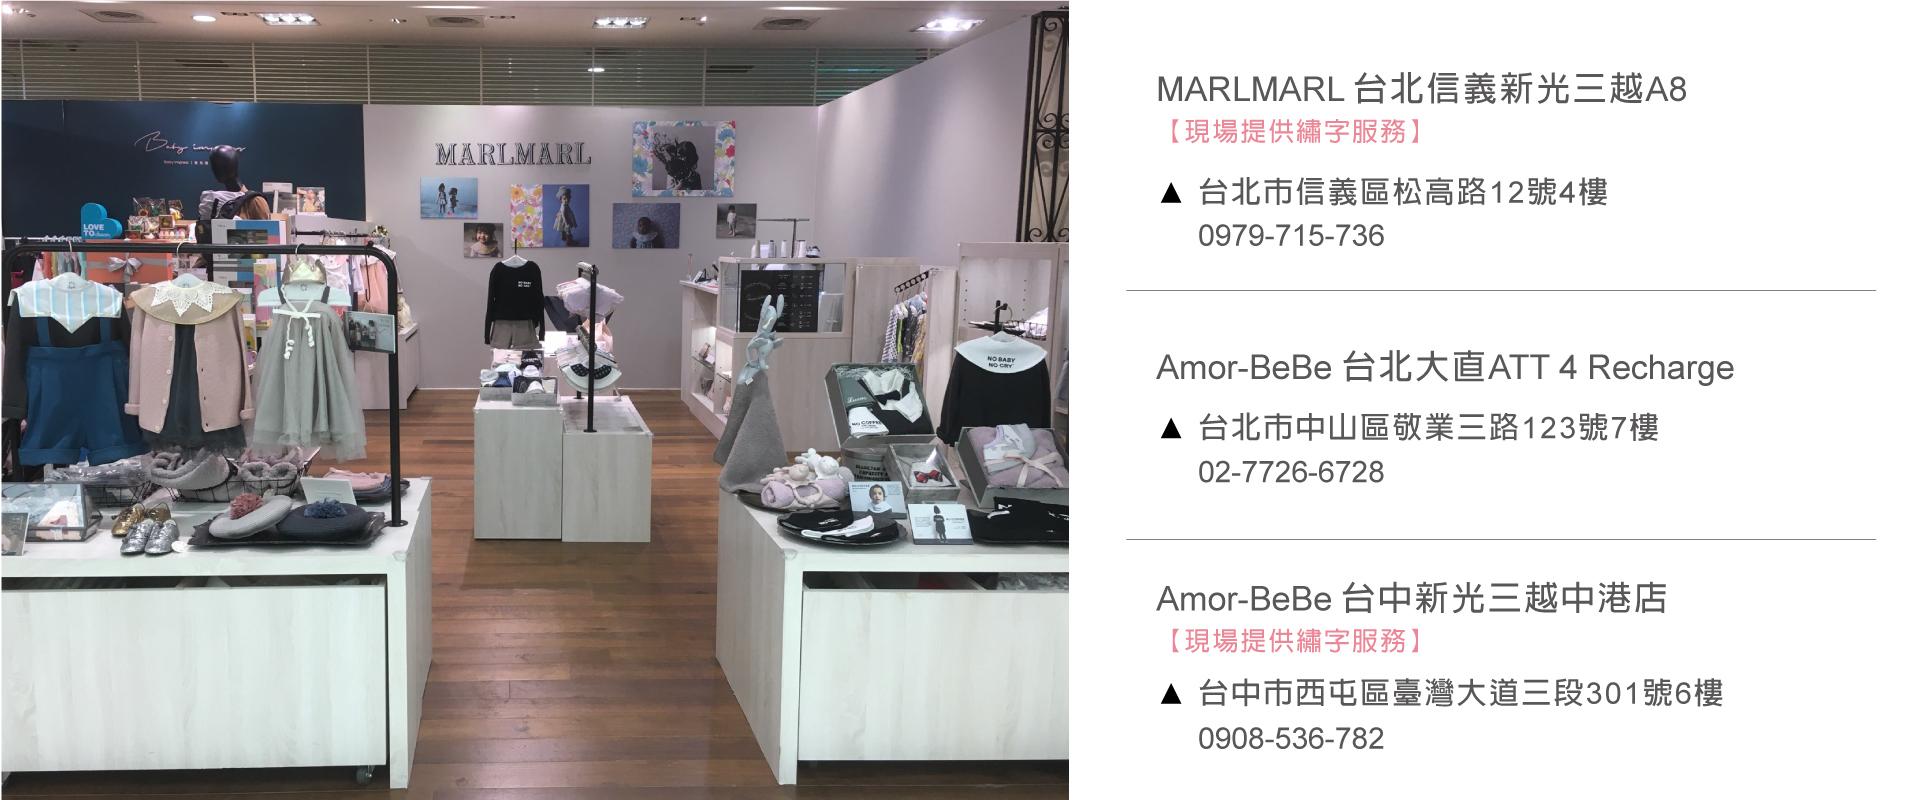 marlmarl台灣